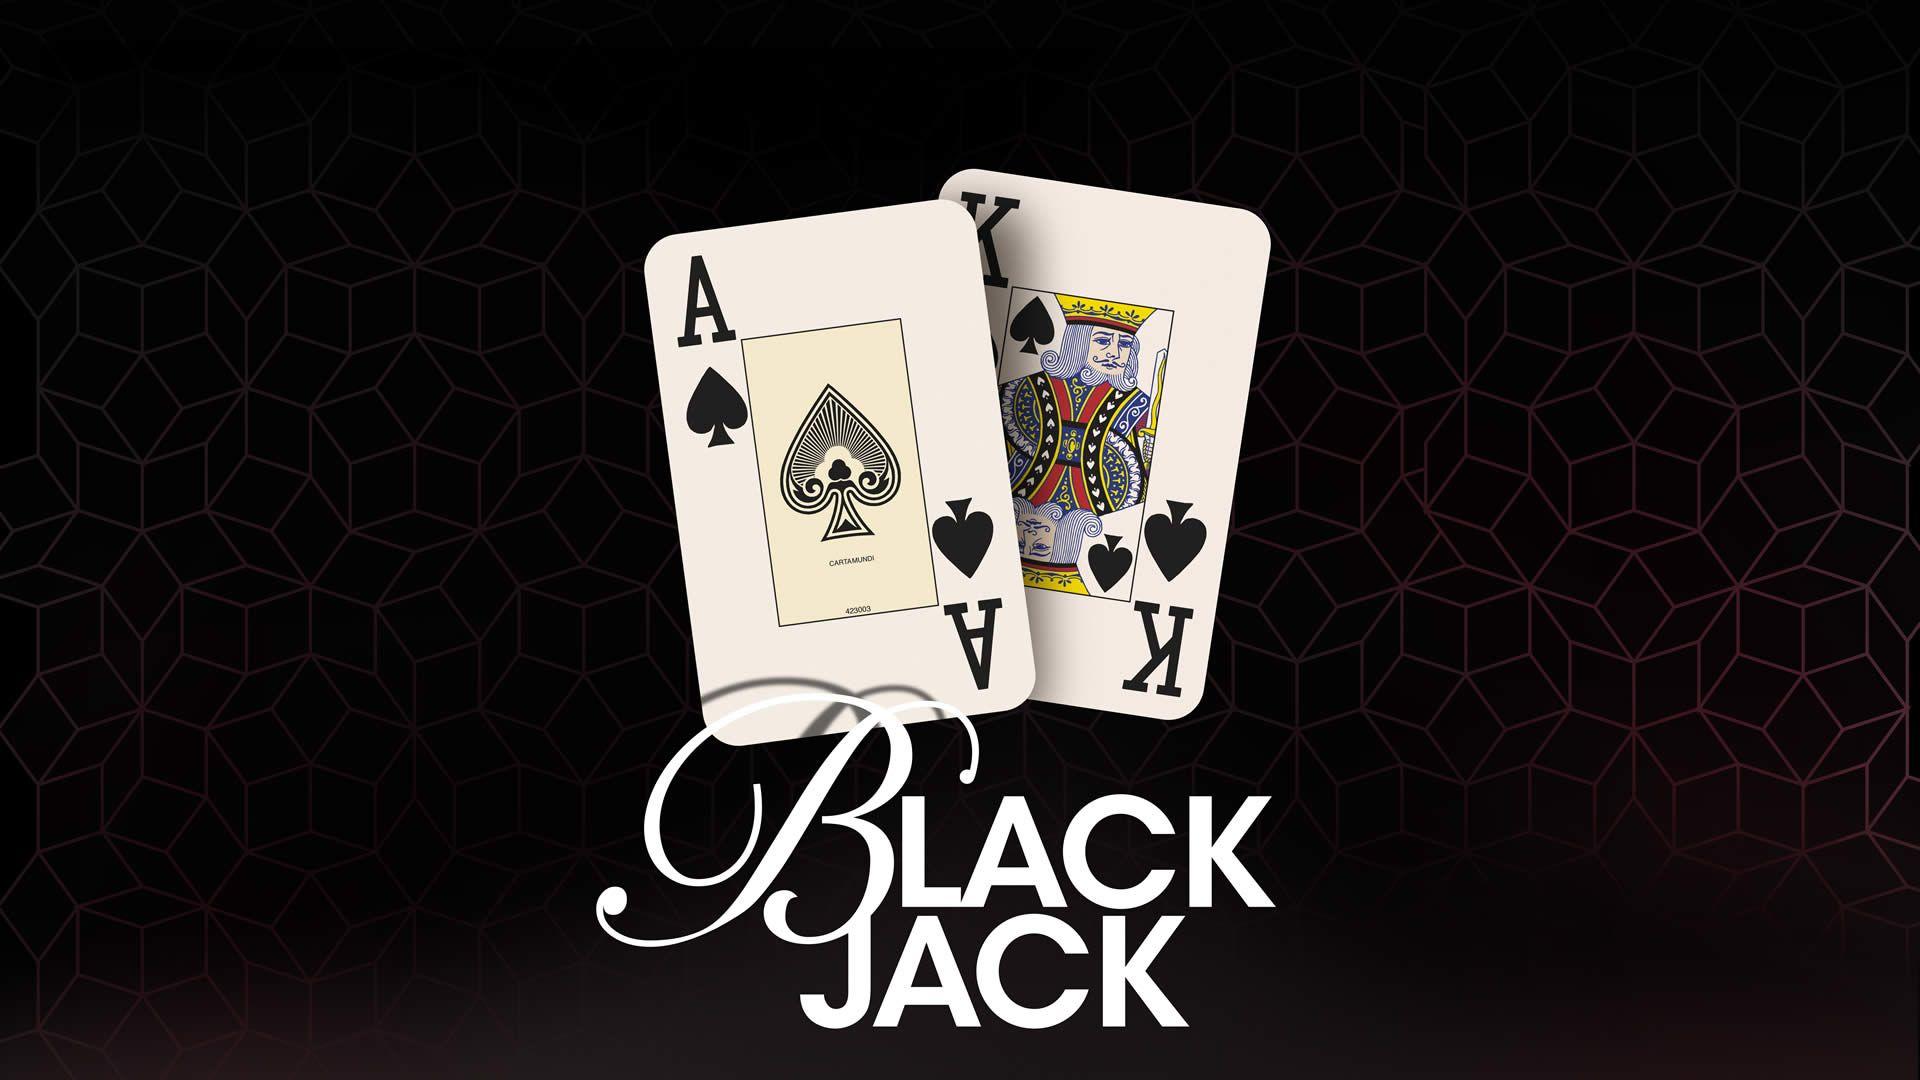 Vet alt du trenger å vite om Blackjack bare @ http://bit.ly/1IfJkfQ